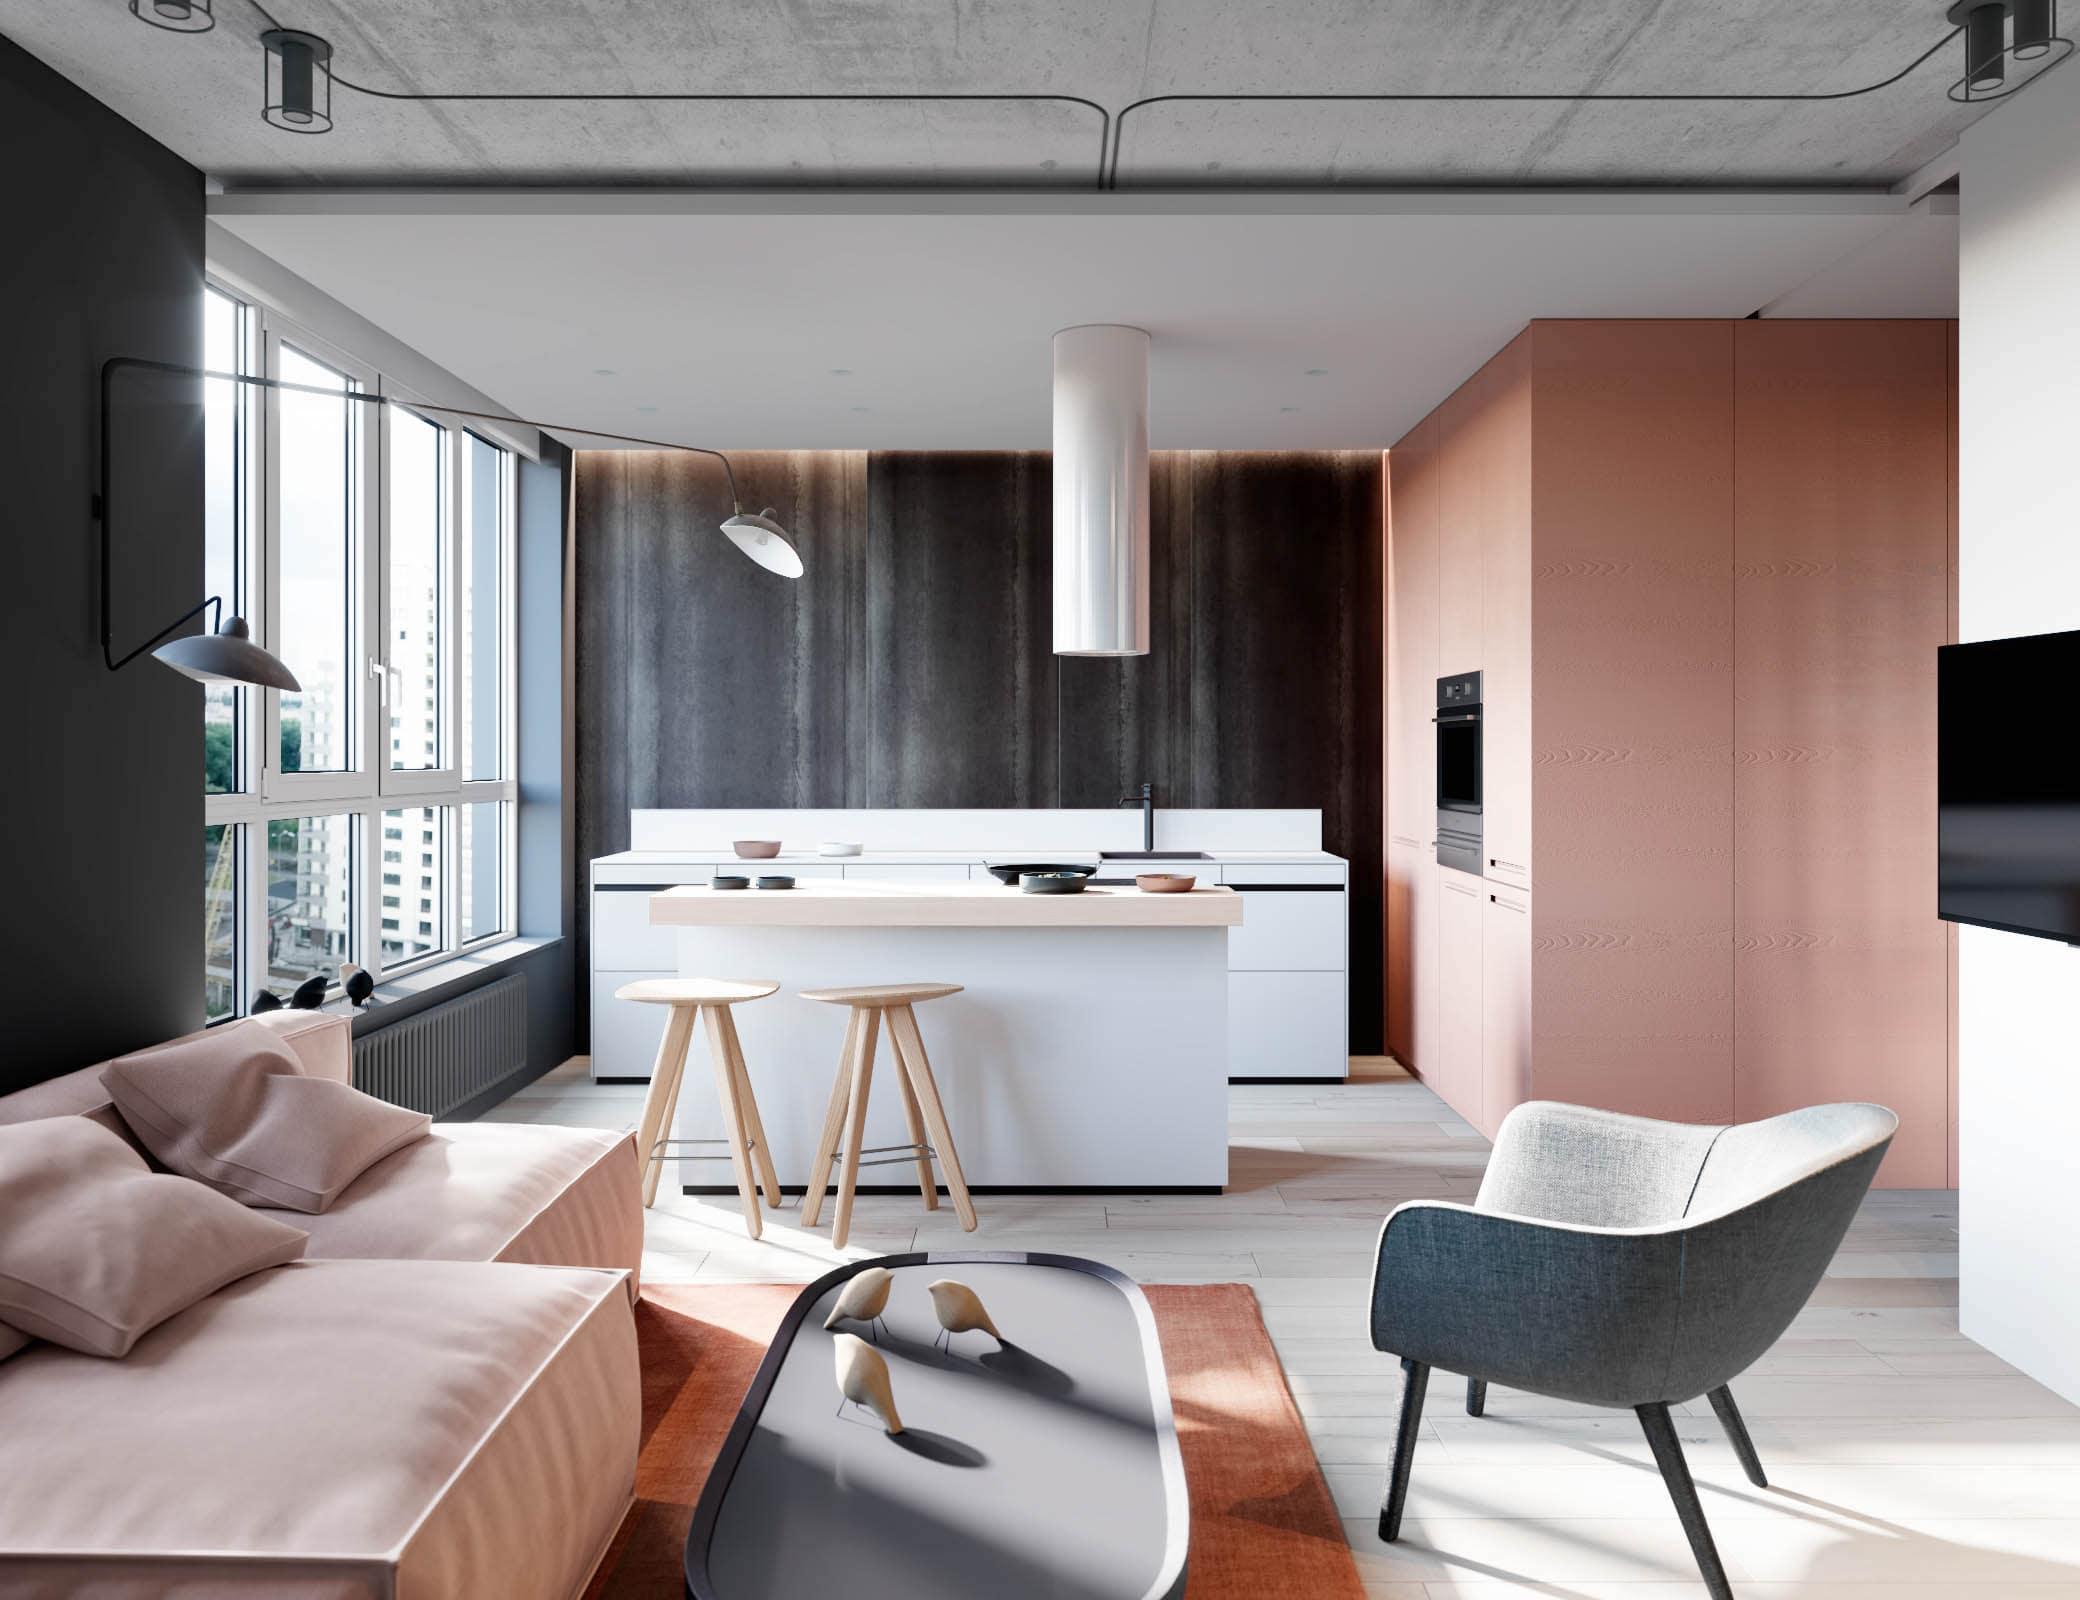 Разграничить пространство комнаты можно при помощи разных покрытий потолка